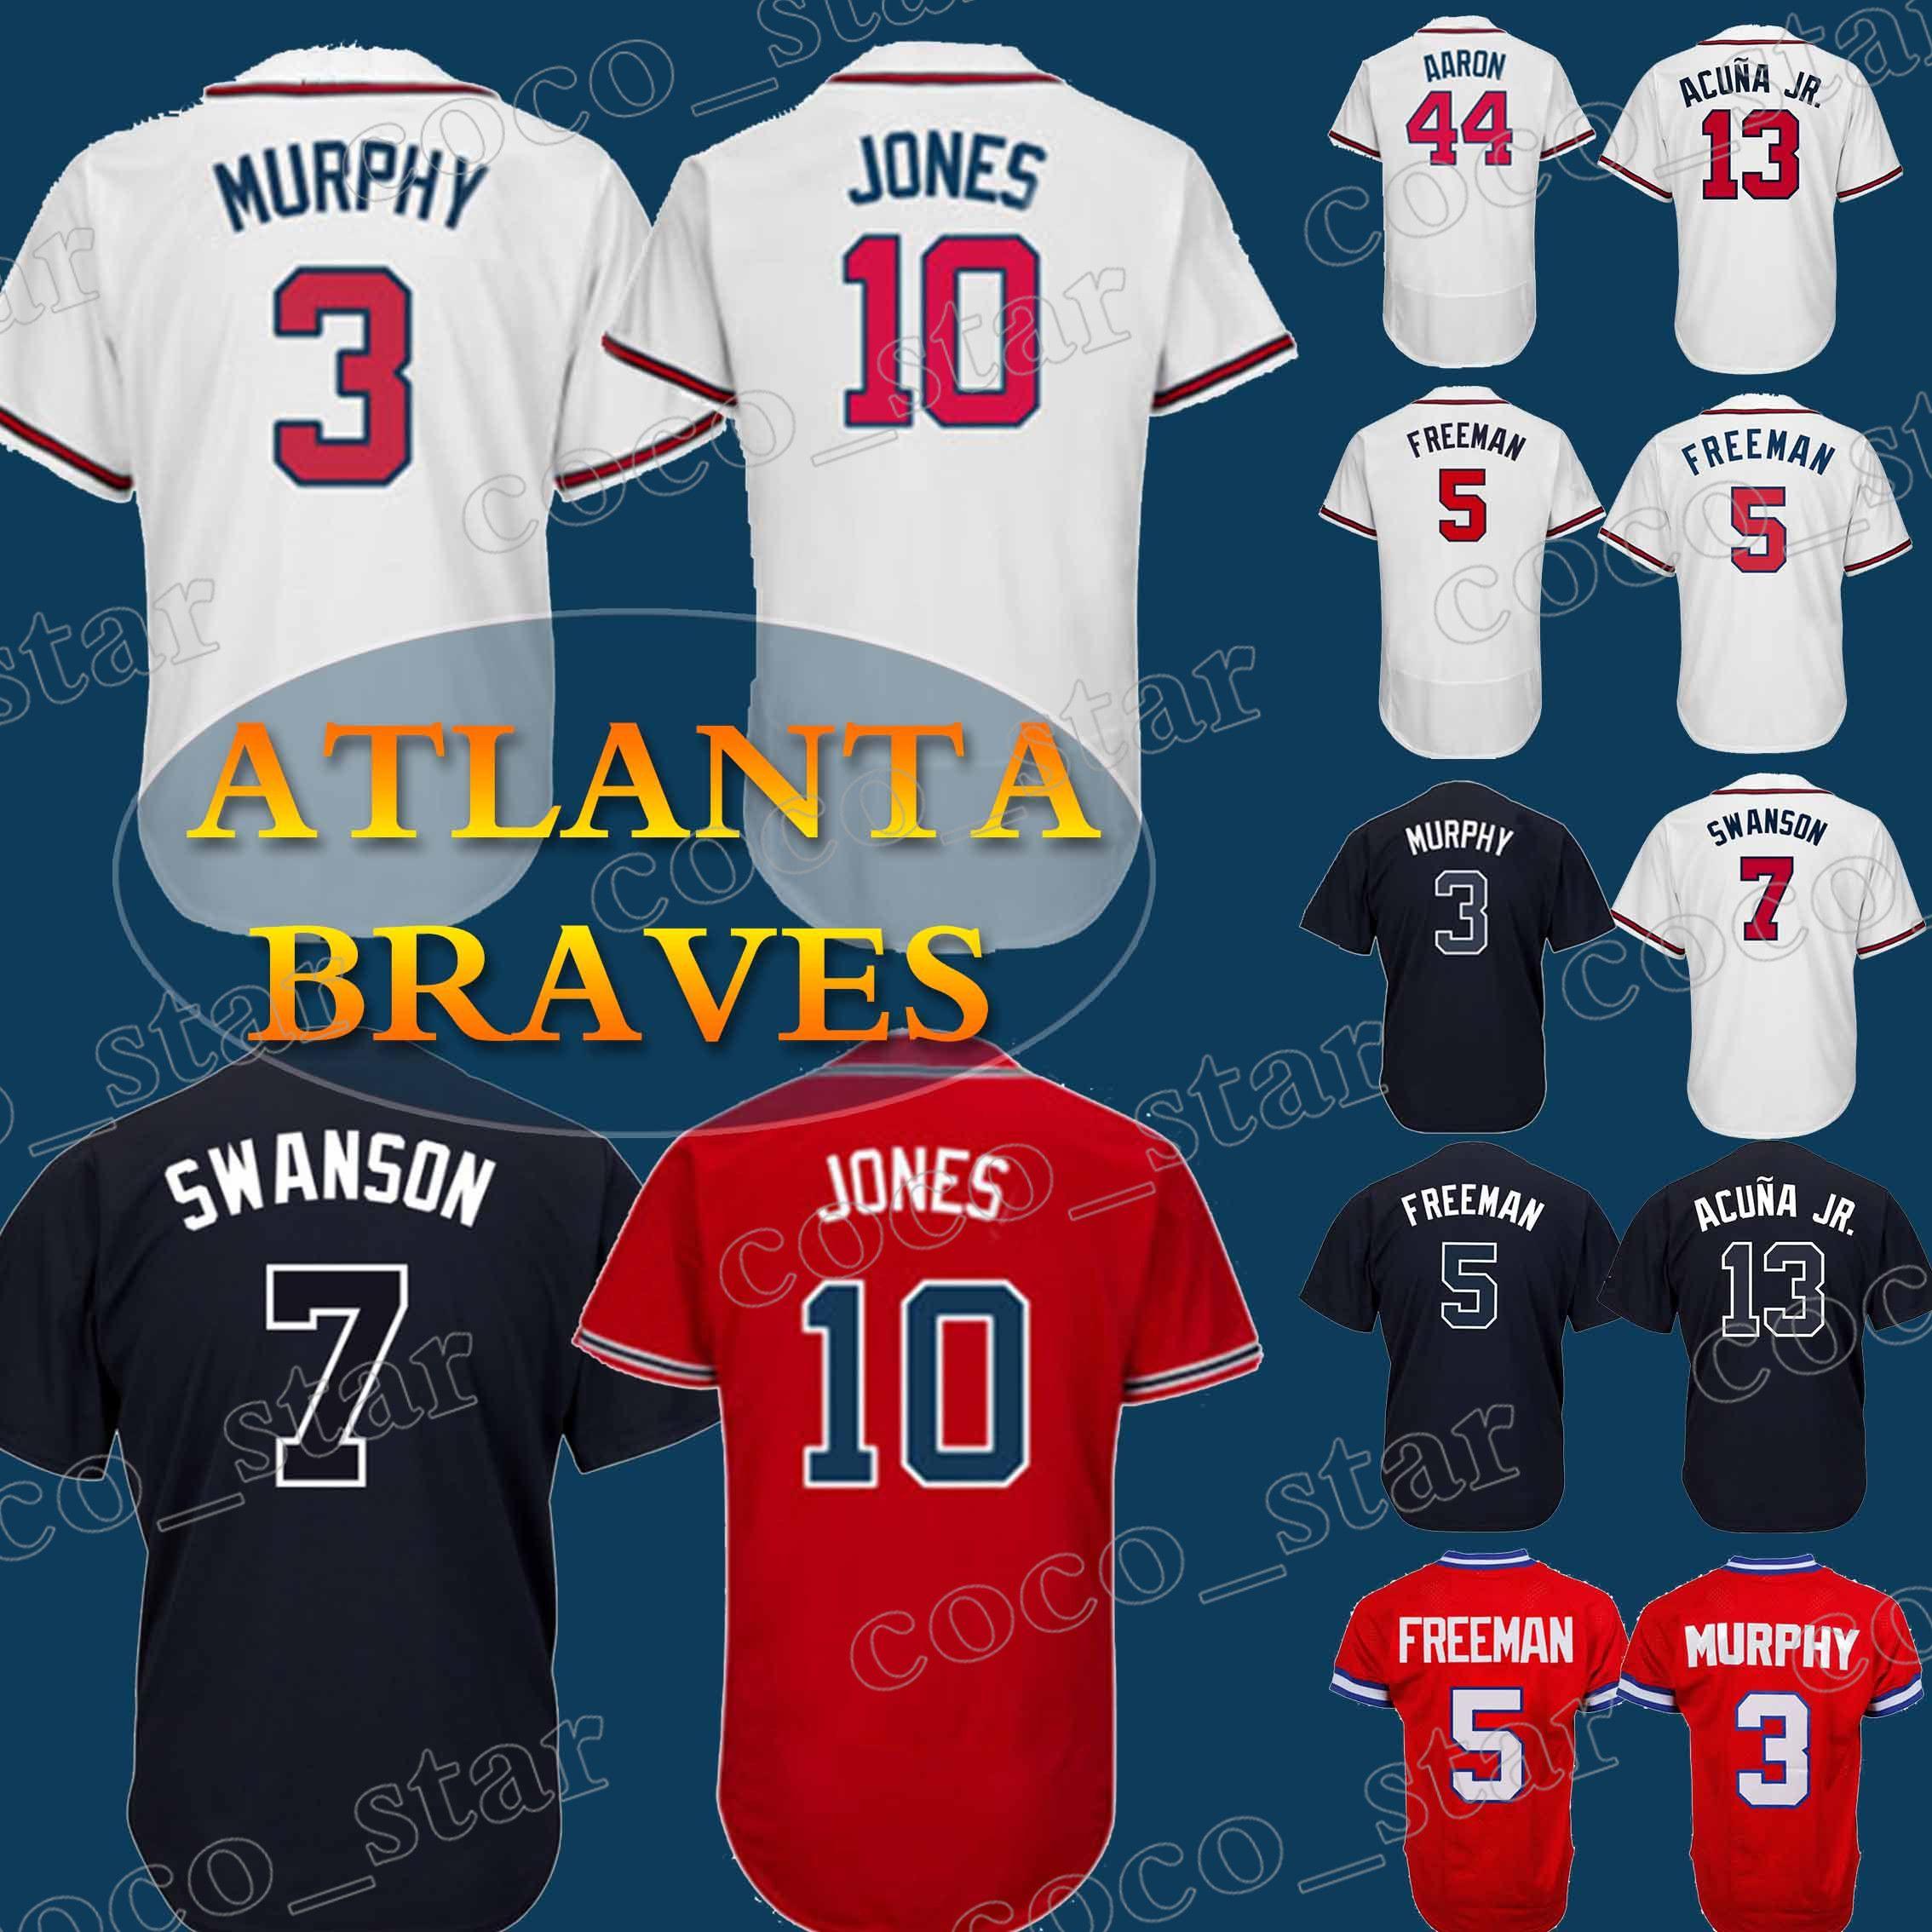 82839eceb Compre Camiseta De Los Atlanta Braves 3 Camiseta De Dale Murphy 10 Chipper  Jones 5 Freddie Freeman 44 Camiseta De Béisbol Hank Aaron A  23.63 Del  Coco star ...